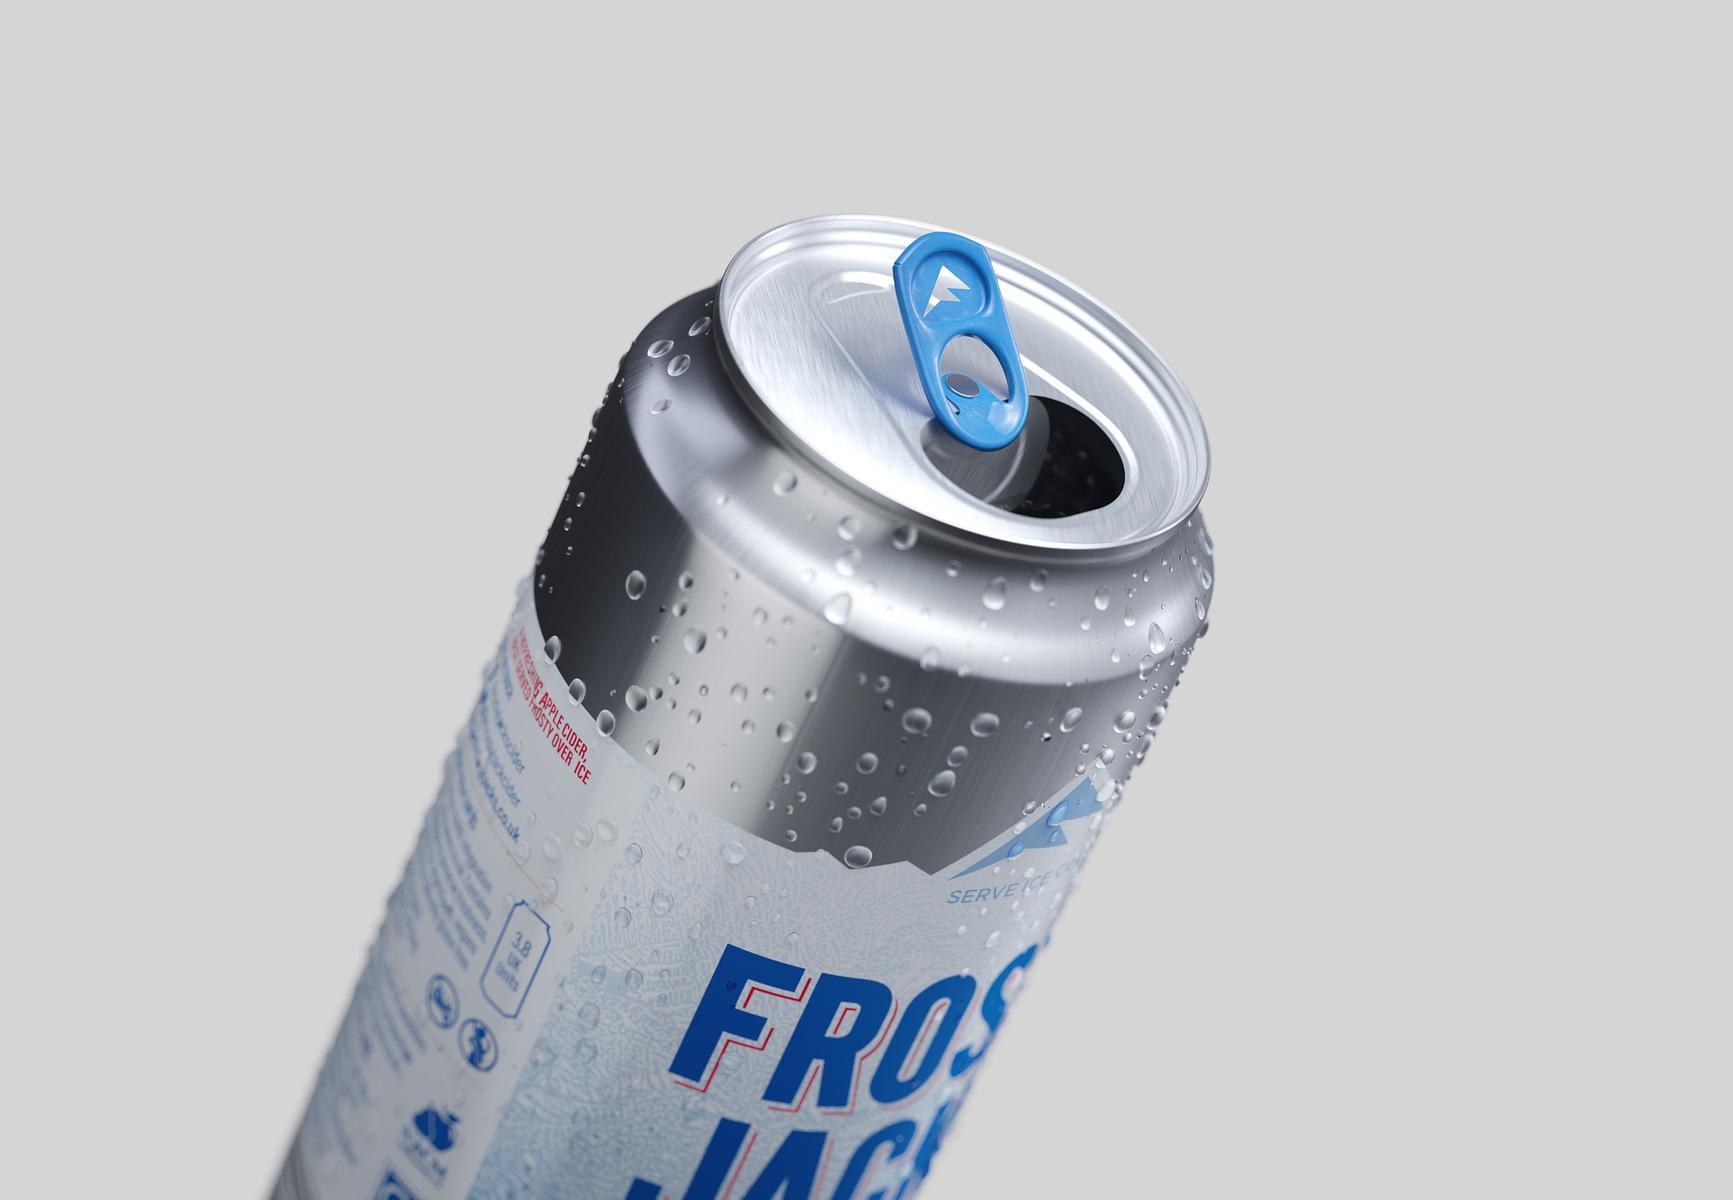 Frosty Jacks Cider